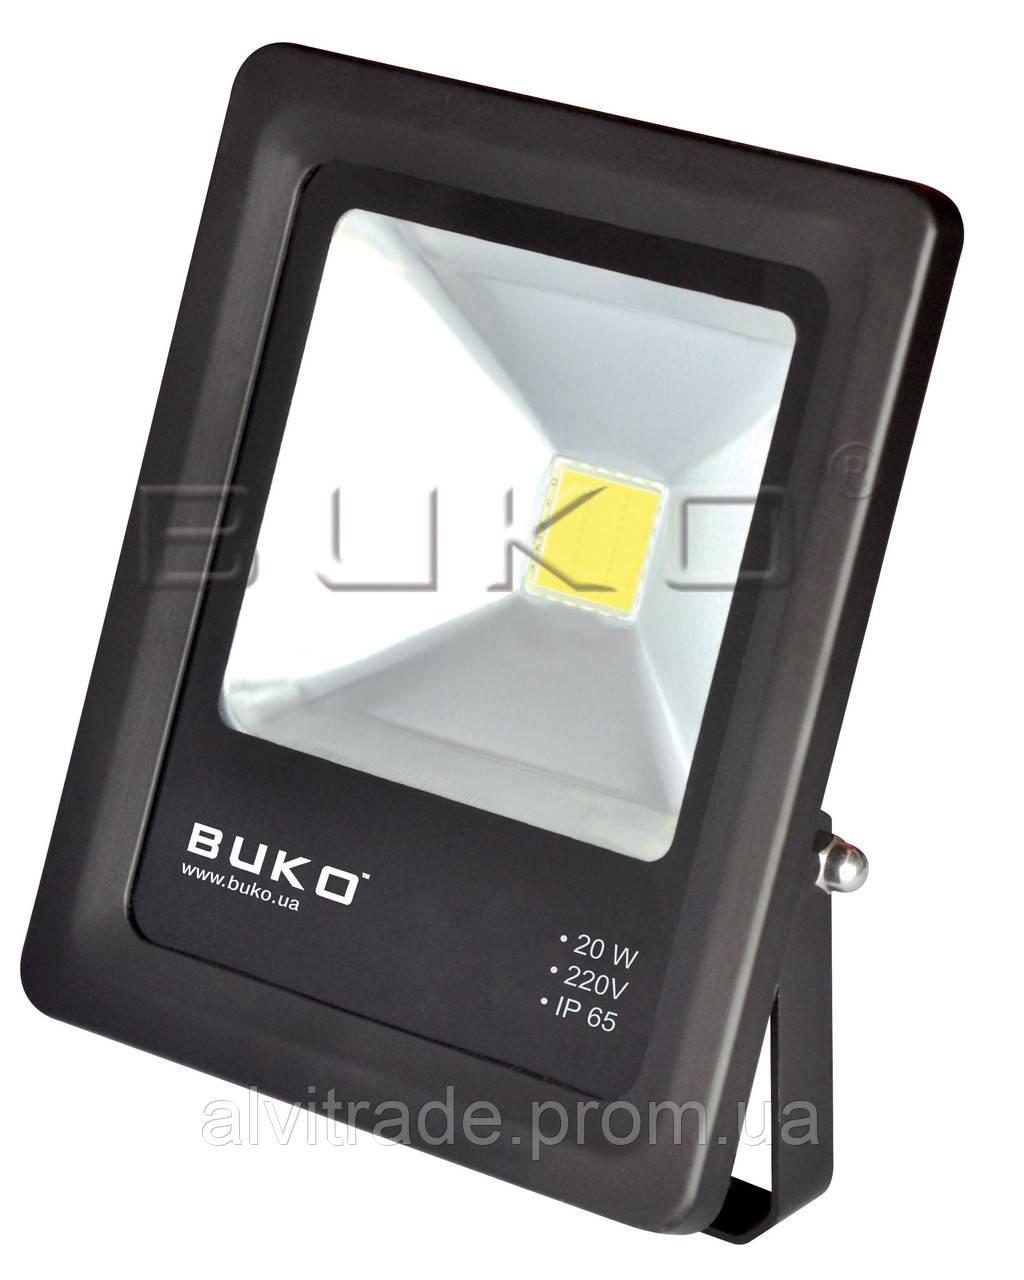 Светодиодный прожектор (LED) BUKO BK379, 20W